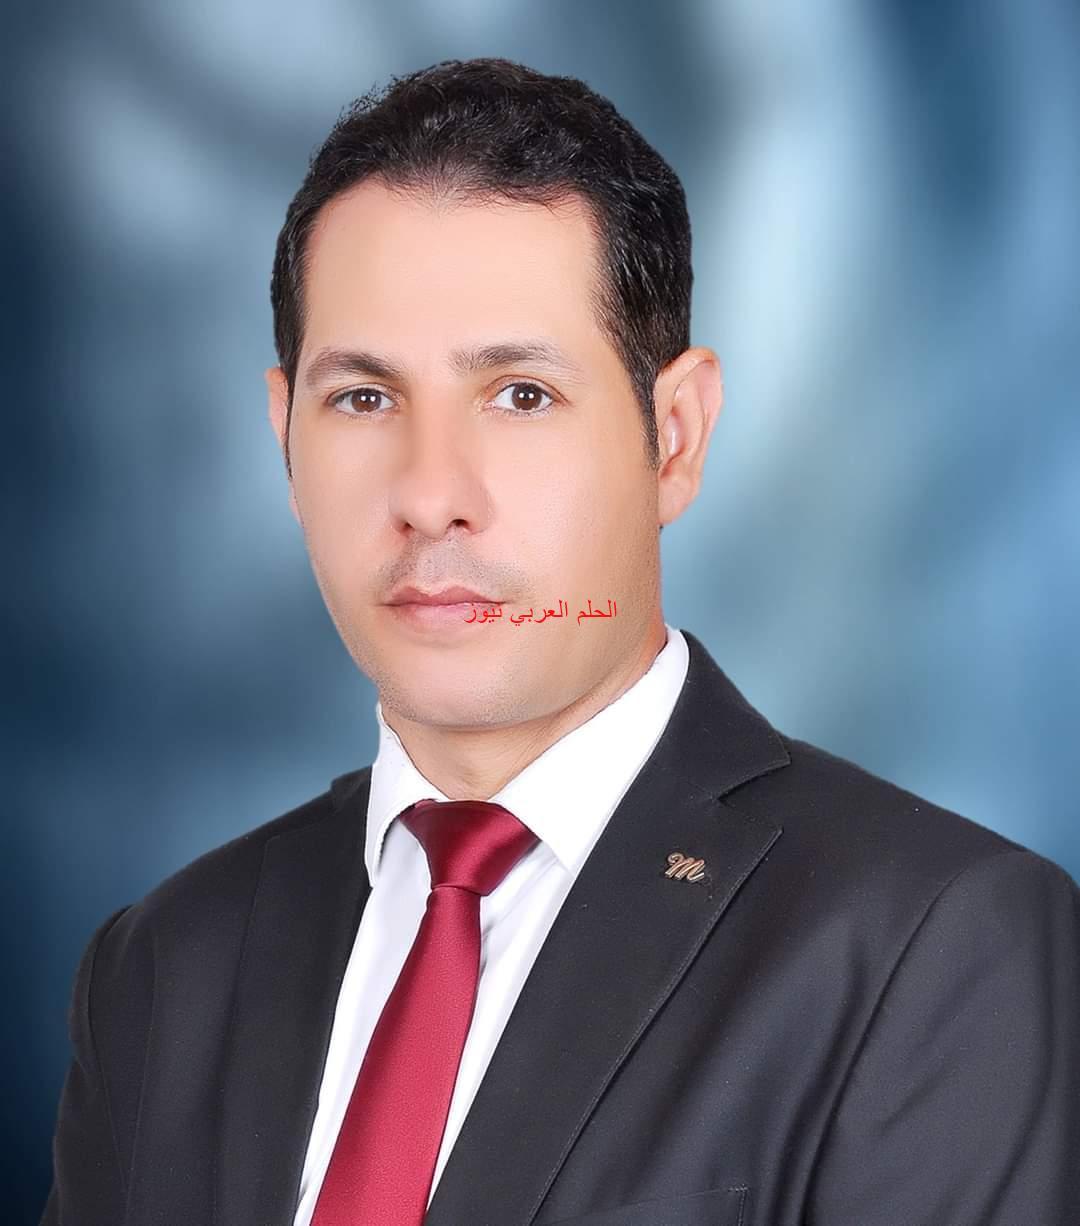 الأمن القومي المصري.